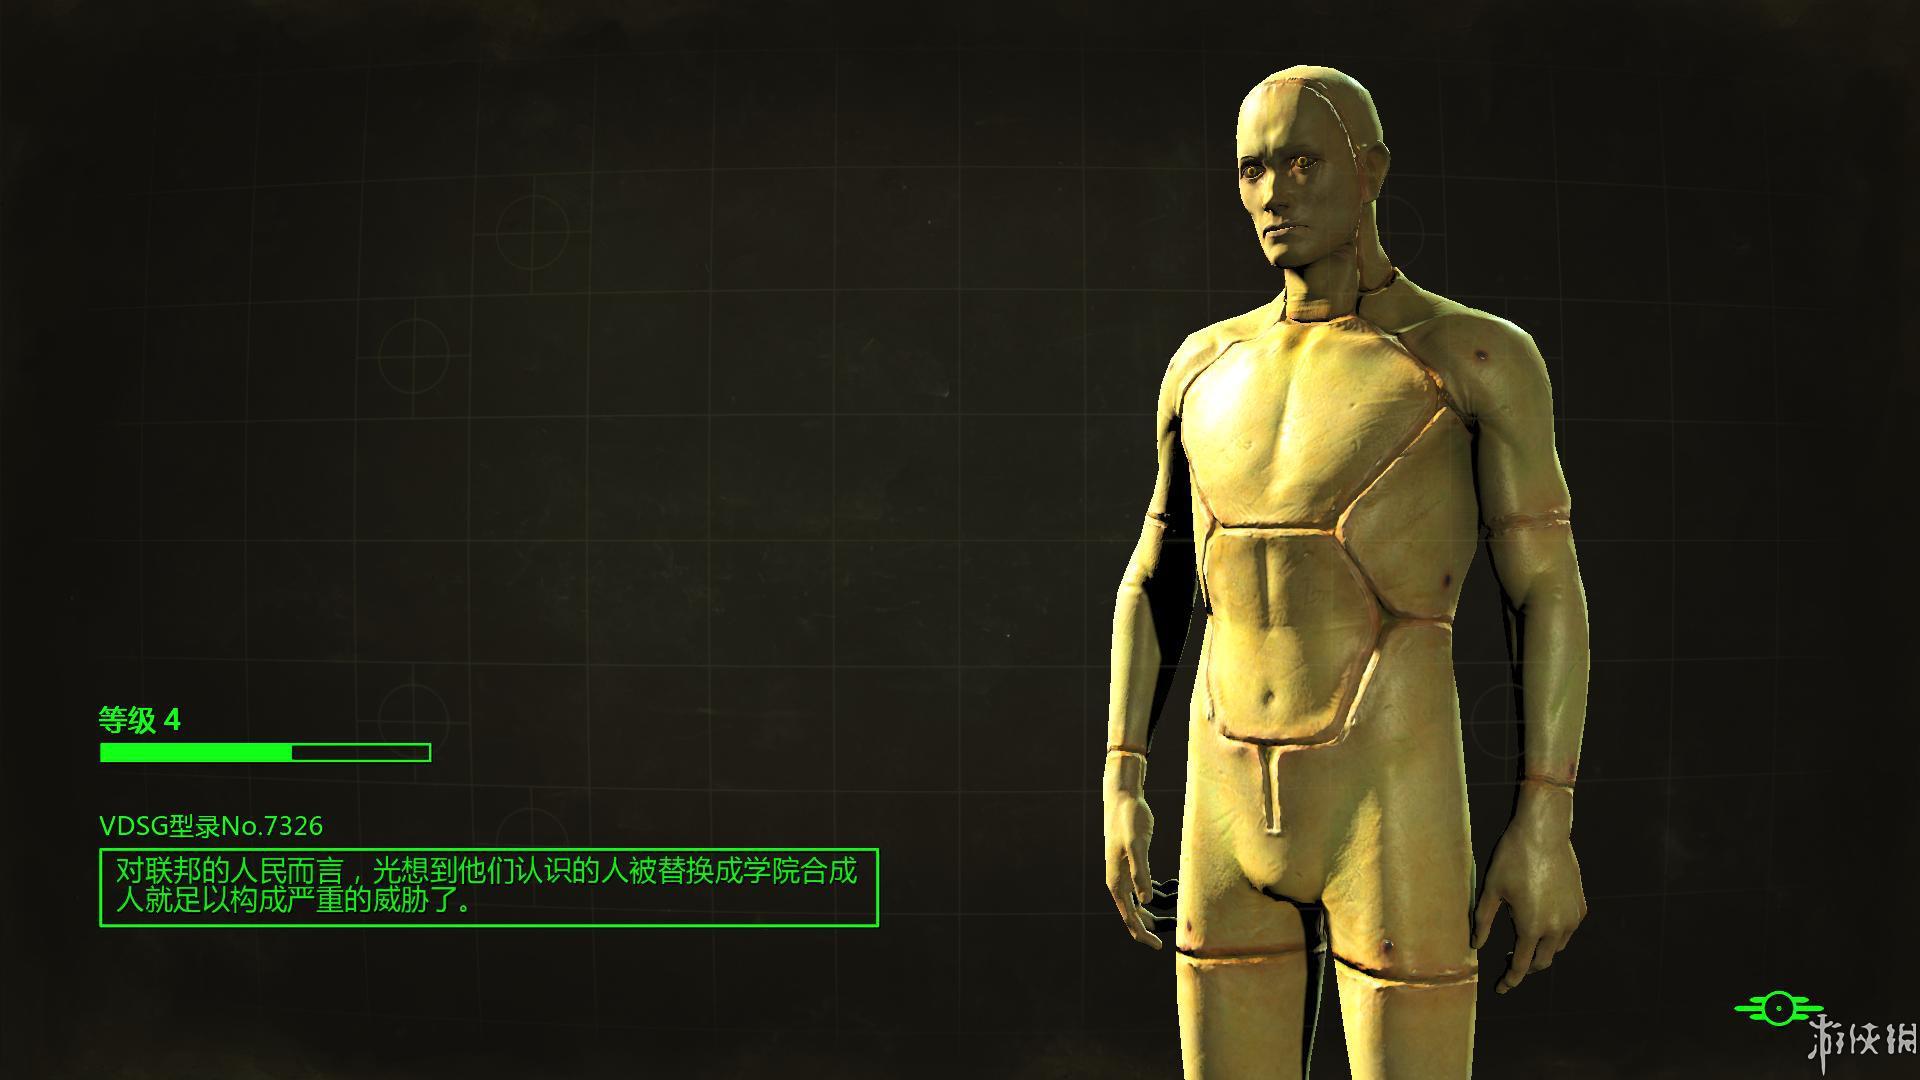 辐射4/Fallout 4/3/2/1/辐射避难所/新维加斯/钢铁兄弟会[新版v1.10]插图3